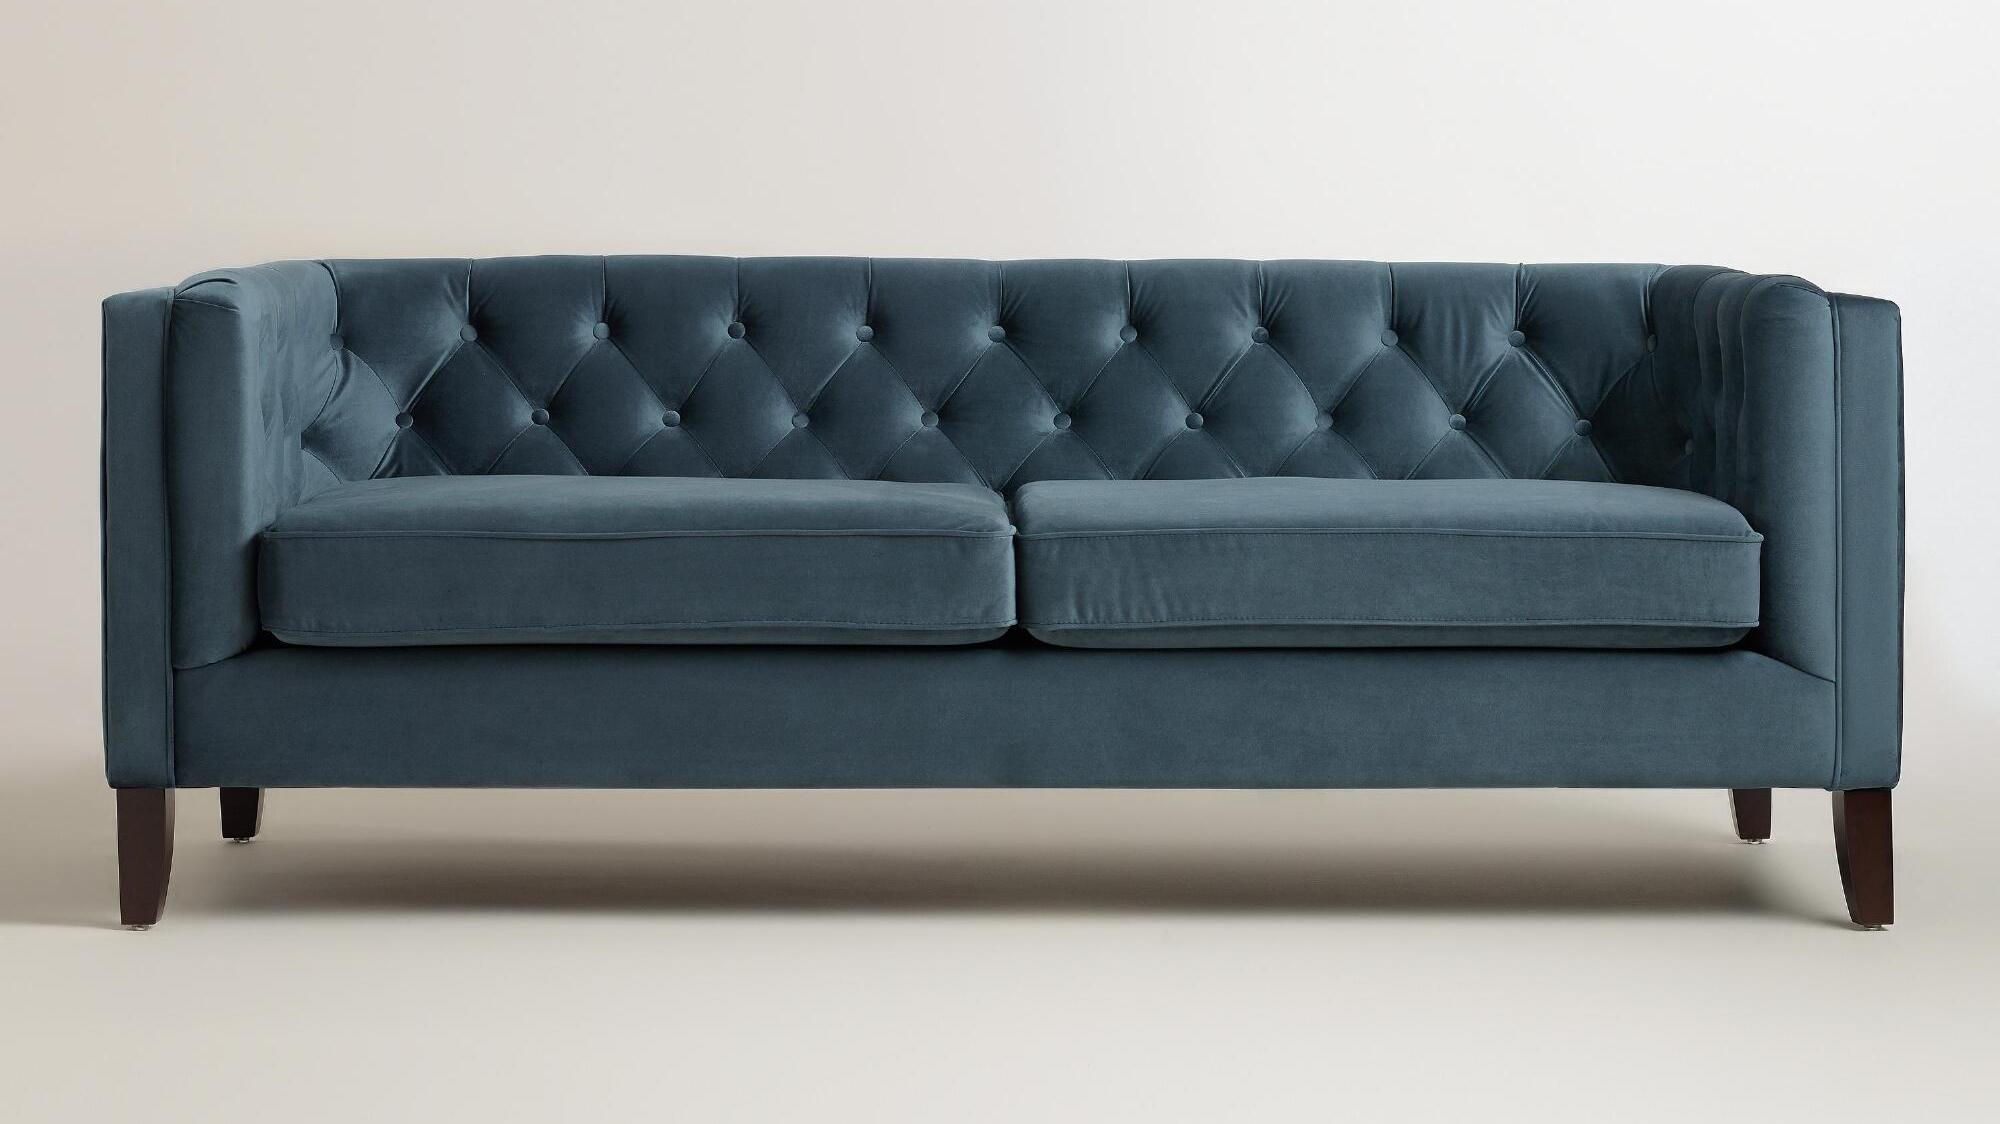 World Market - Velvet Kendall Sofa - $699